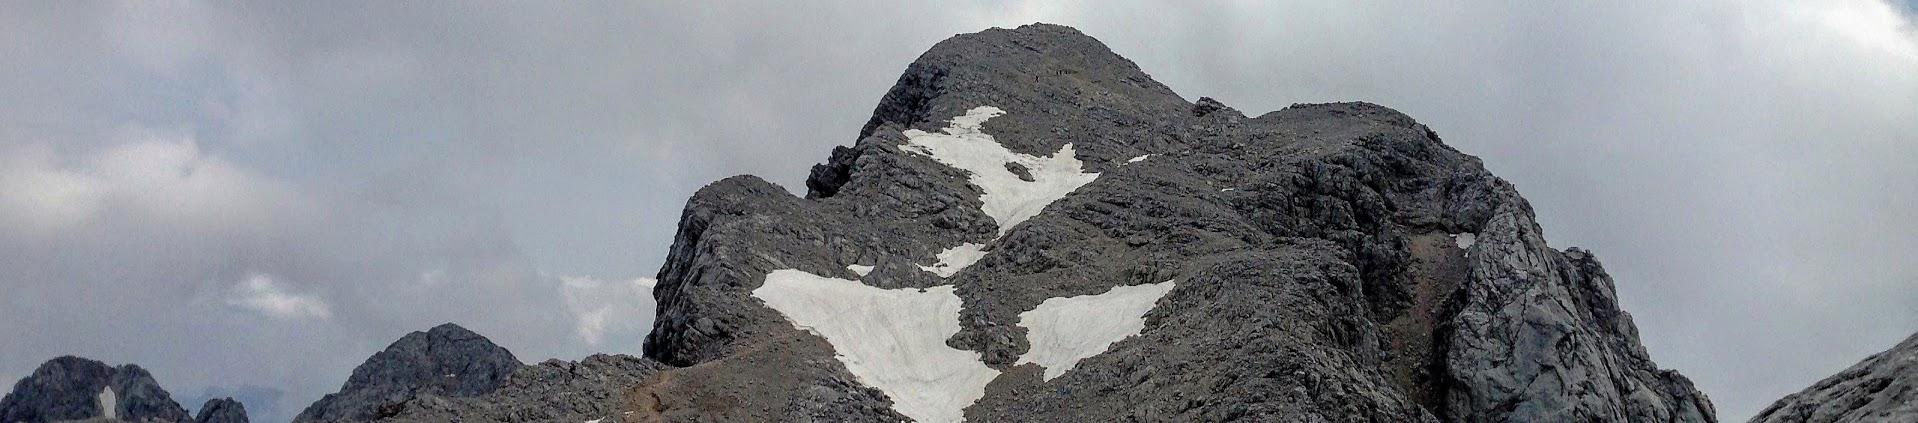 A thumbnail image